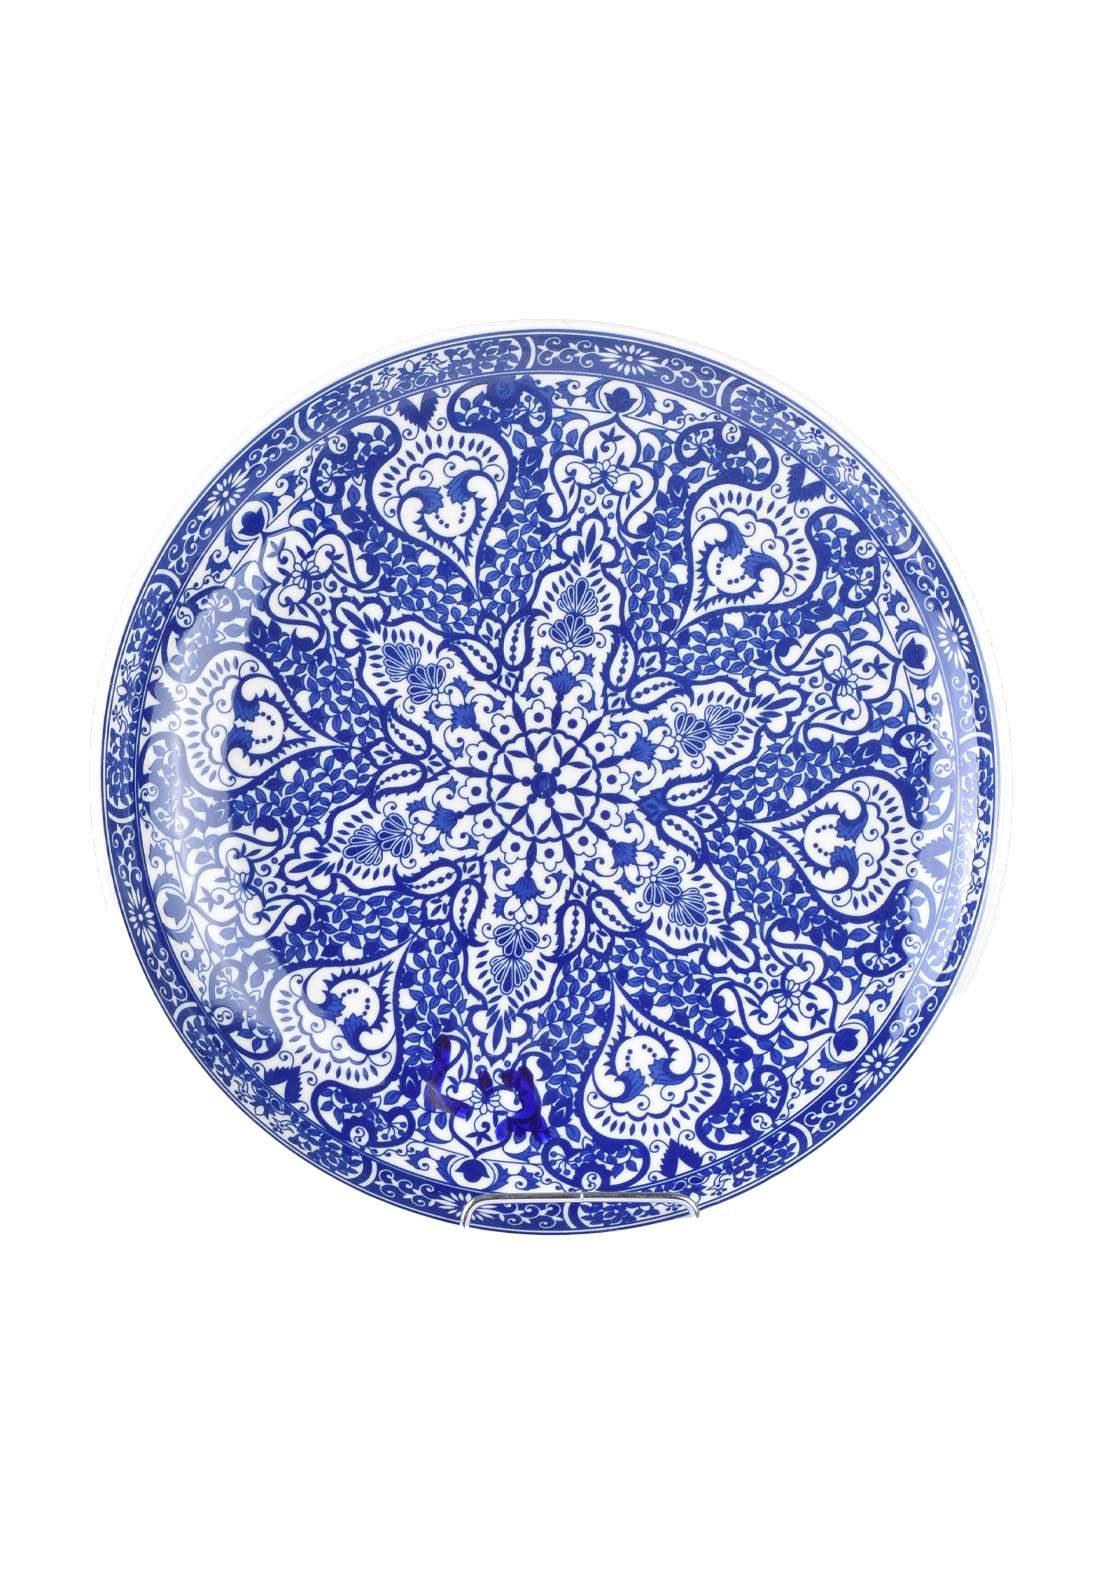 طبق تقديم ازرق اللون